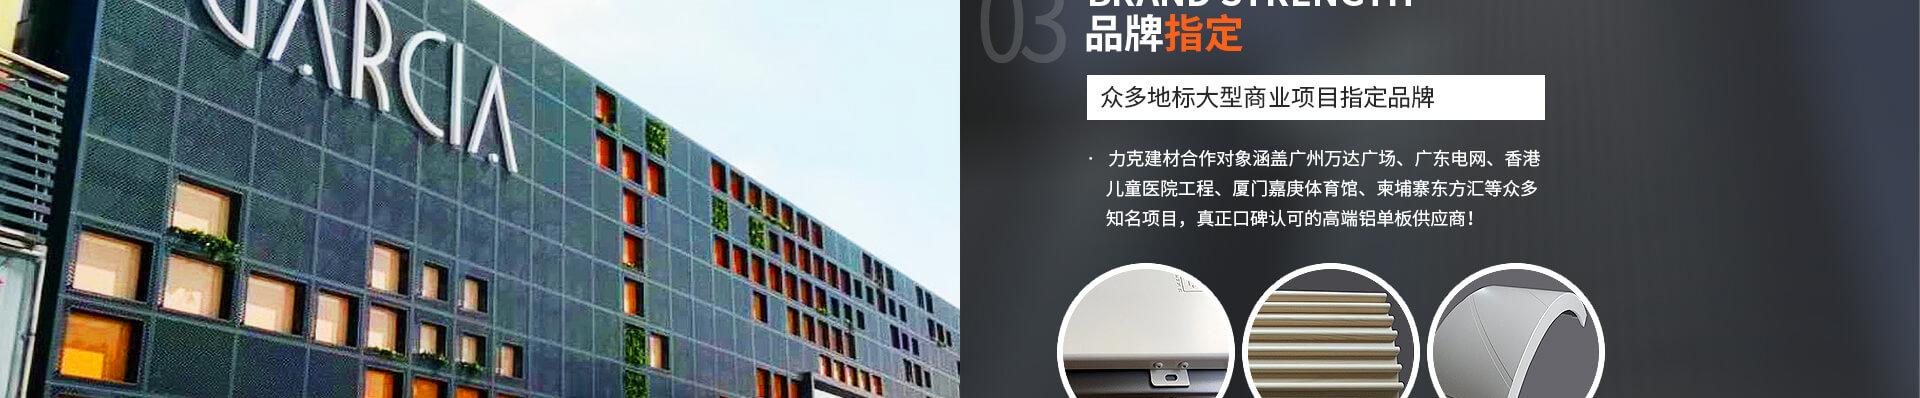 ·   力克建材合作对象涵盖广州万达广场、广东电网、香港                 儿童医院工程、厦门嘉庚体育馆、柬埔寨东方汇等众多                 知名项目,真正口碑认可的高端铝单板供应商!